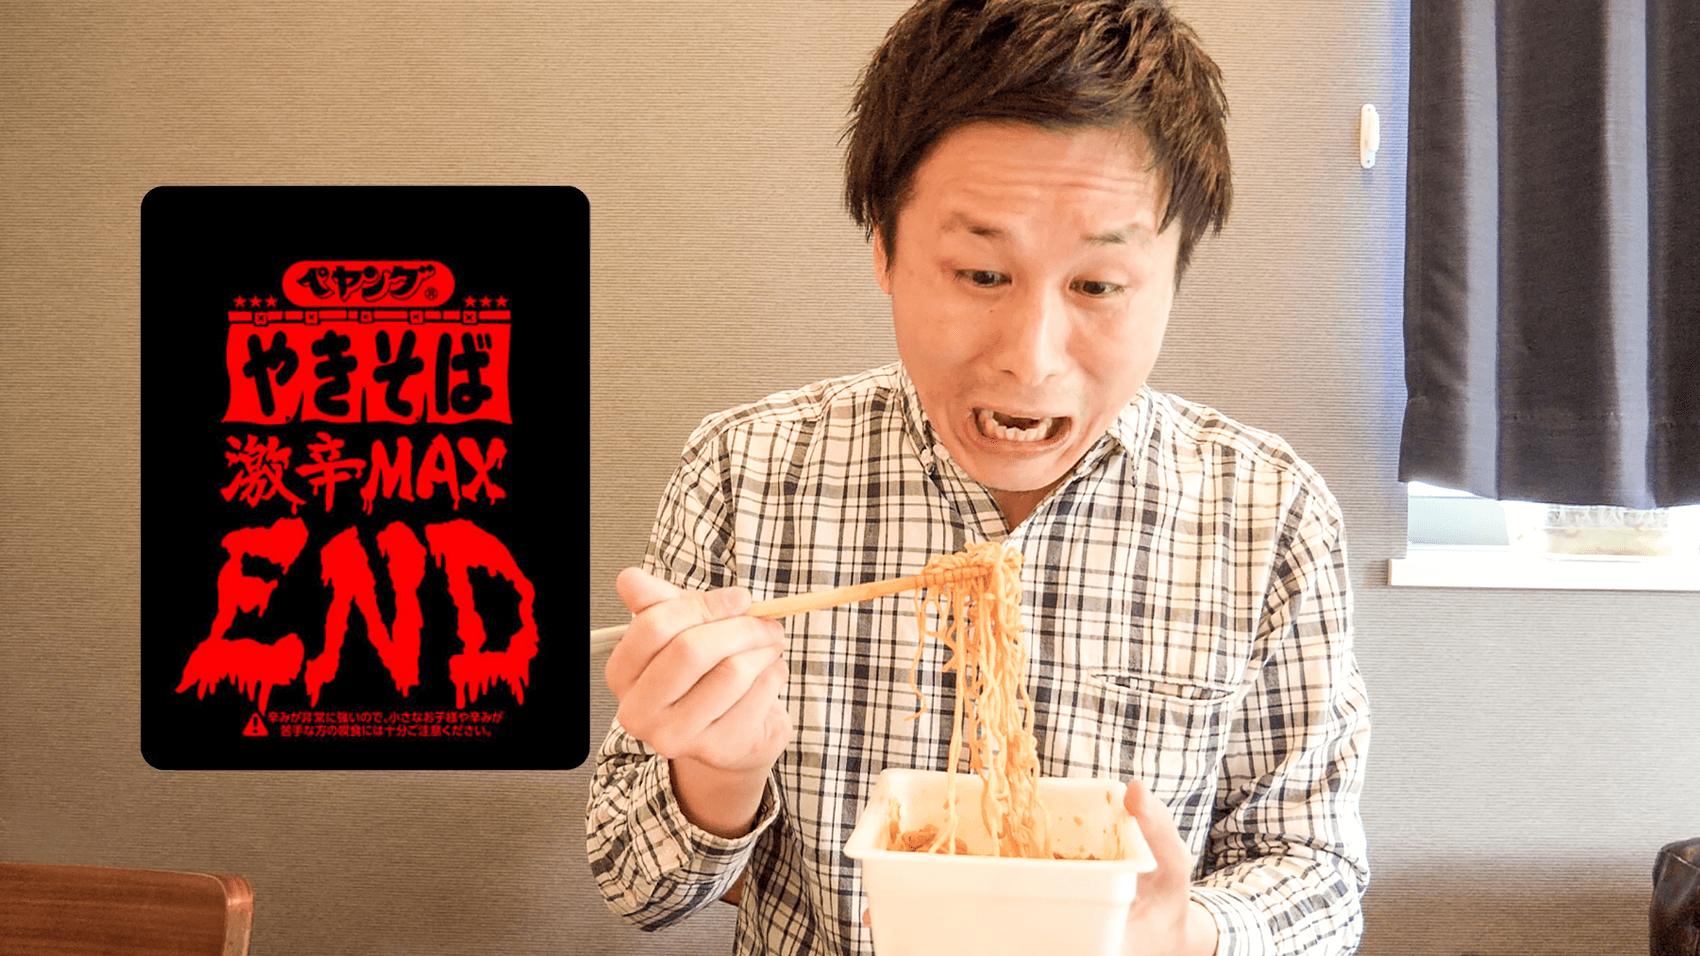 お昼ごはんにペヤングやきそば「激辛MAX END」を食べてみました